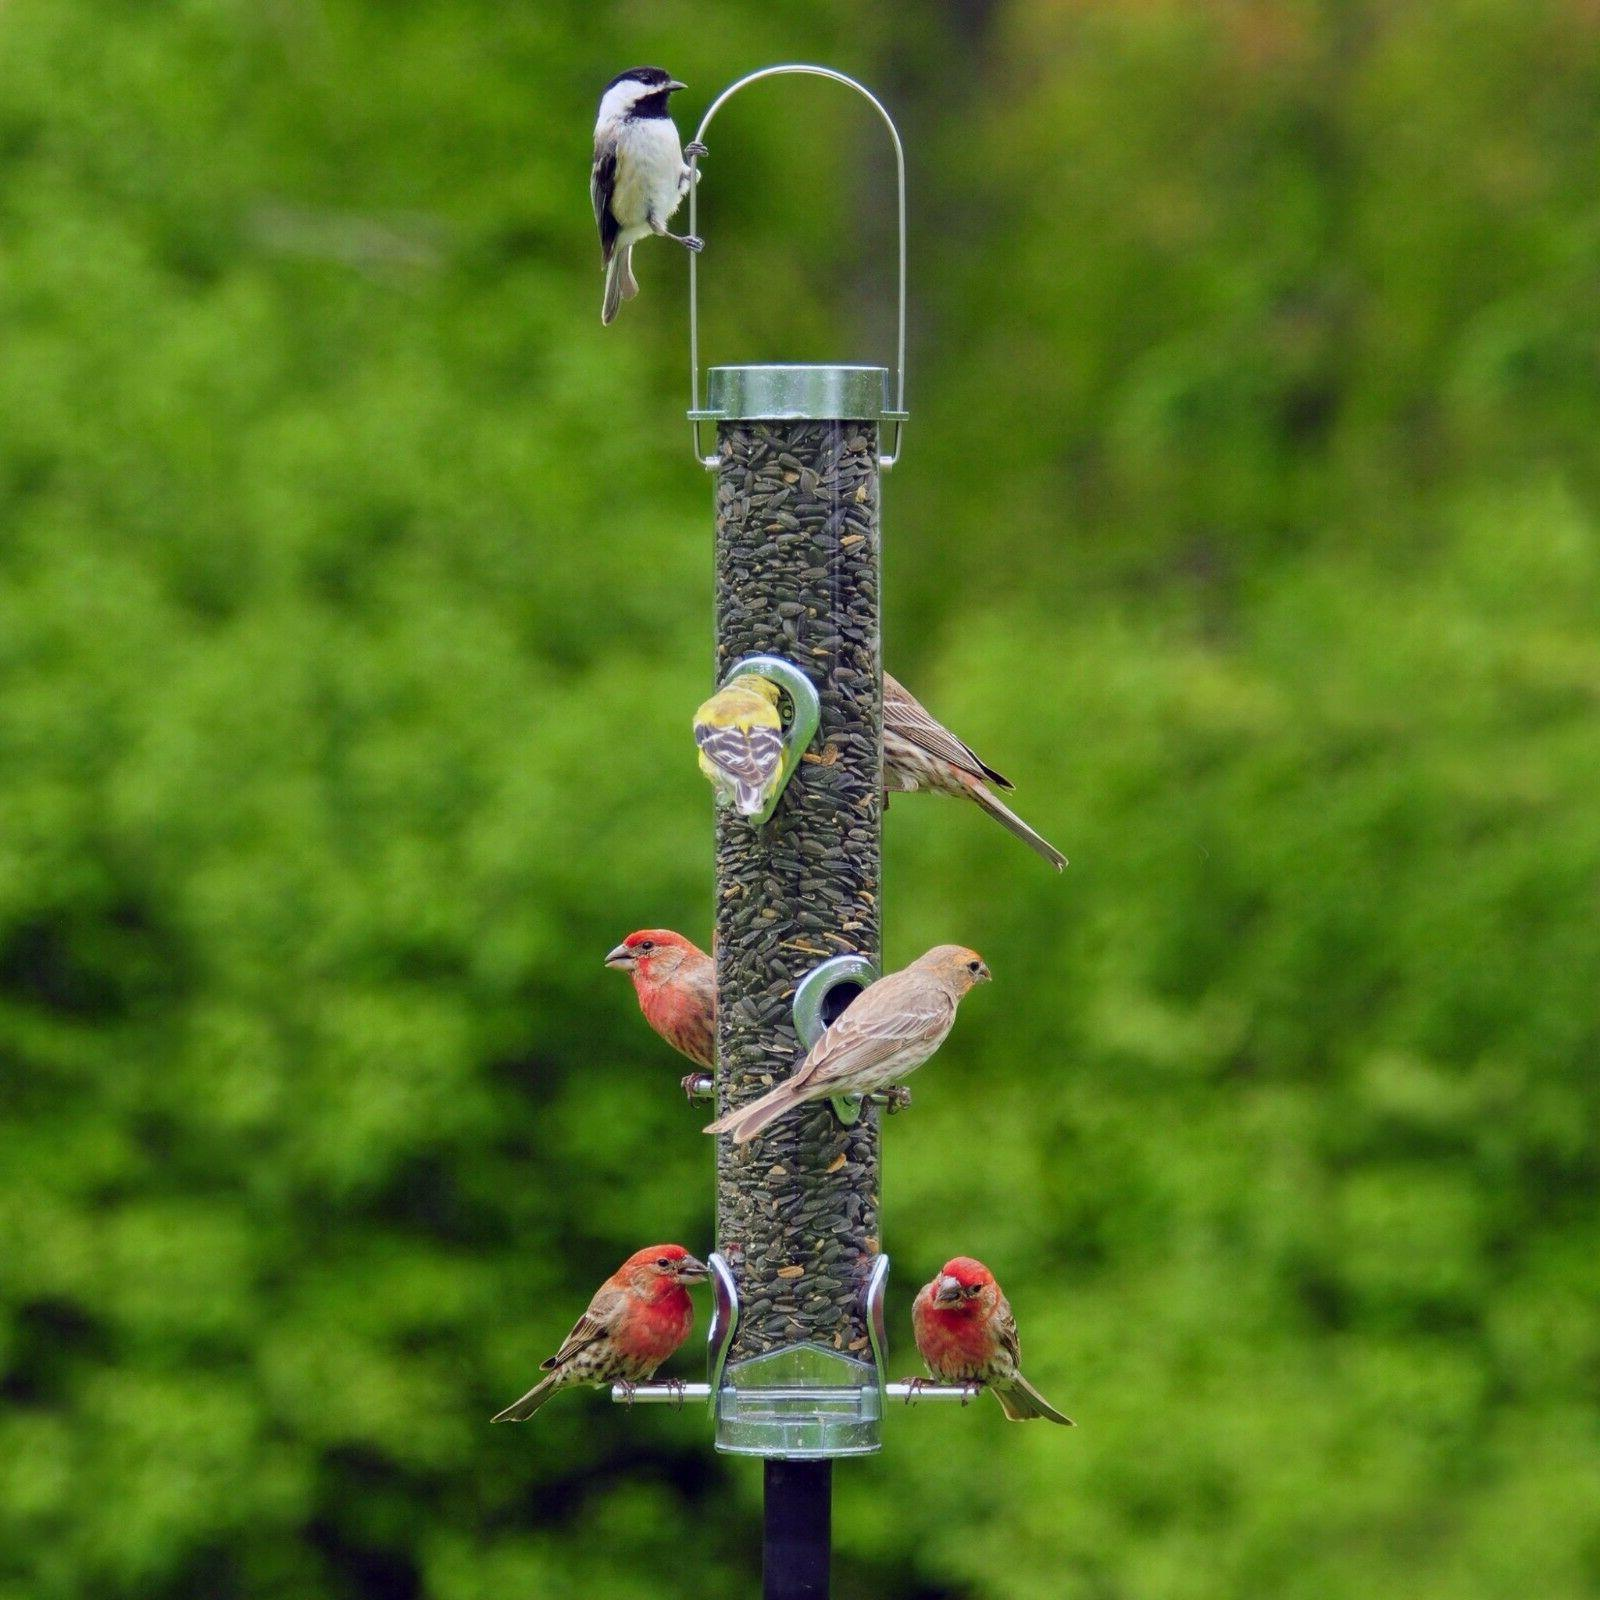 a 6f bird feeder